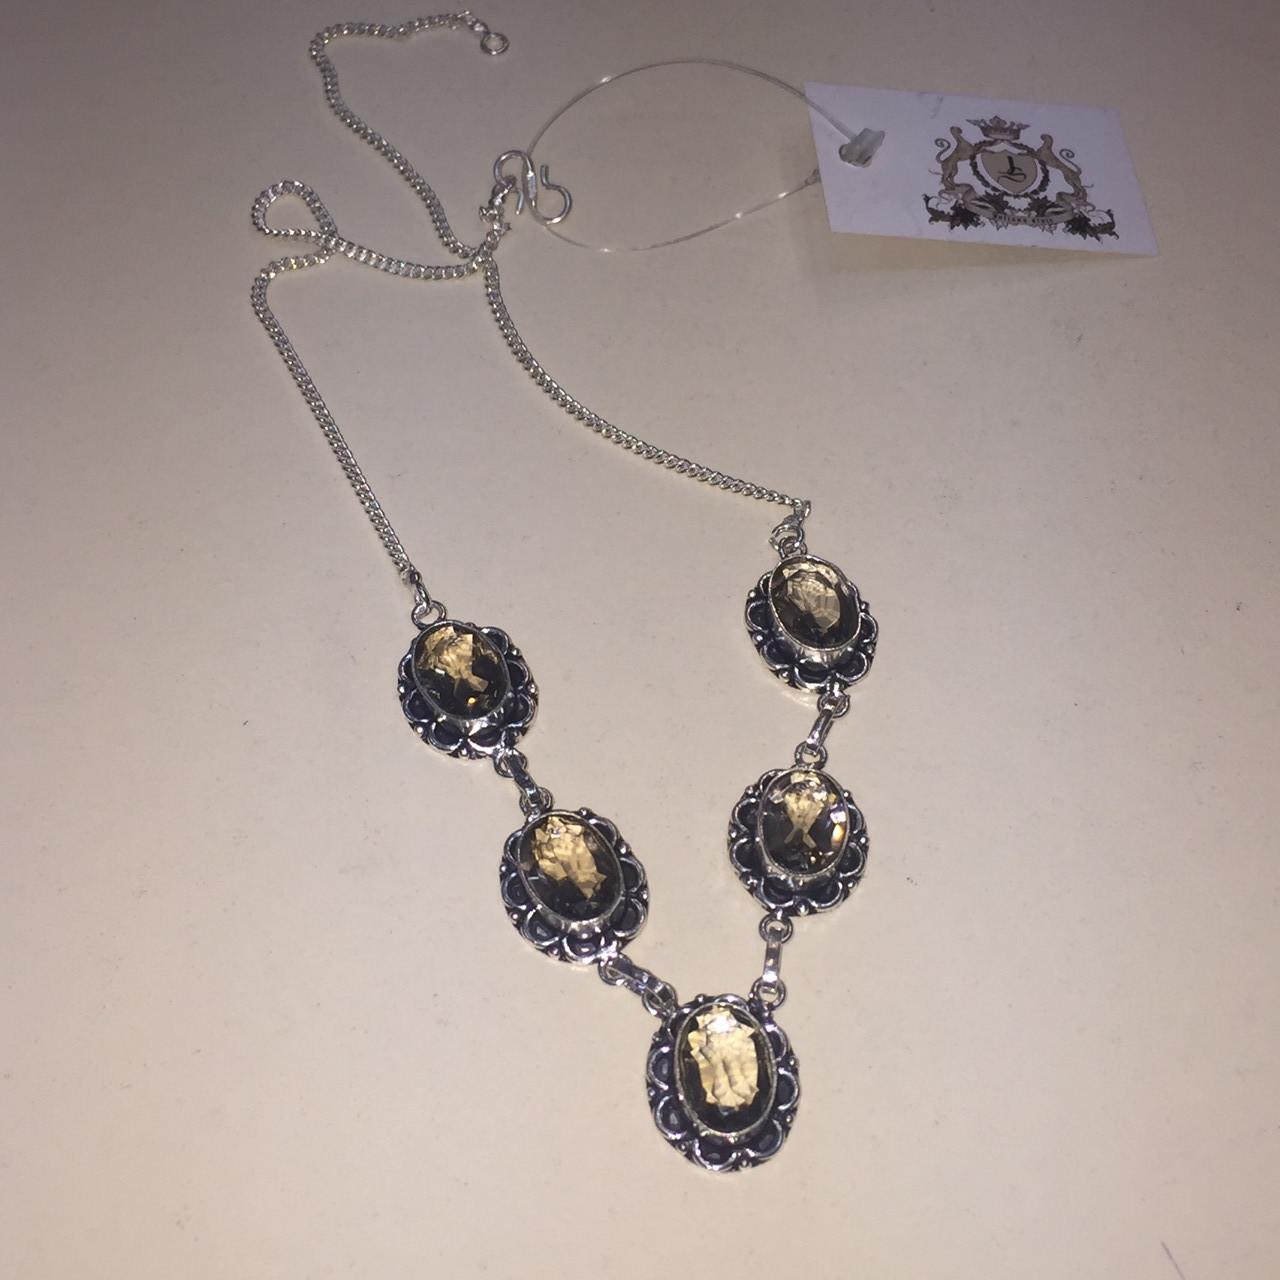 Раух топаз колье ожерелье с раух-топазом в серебре. Ожерелье с камнем раух-топаз Индия!